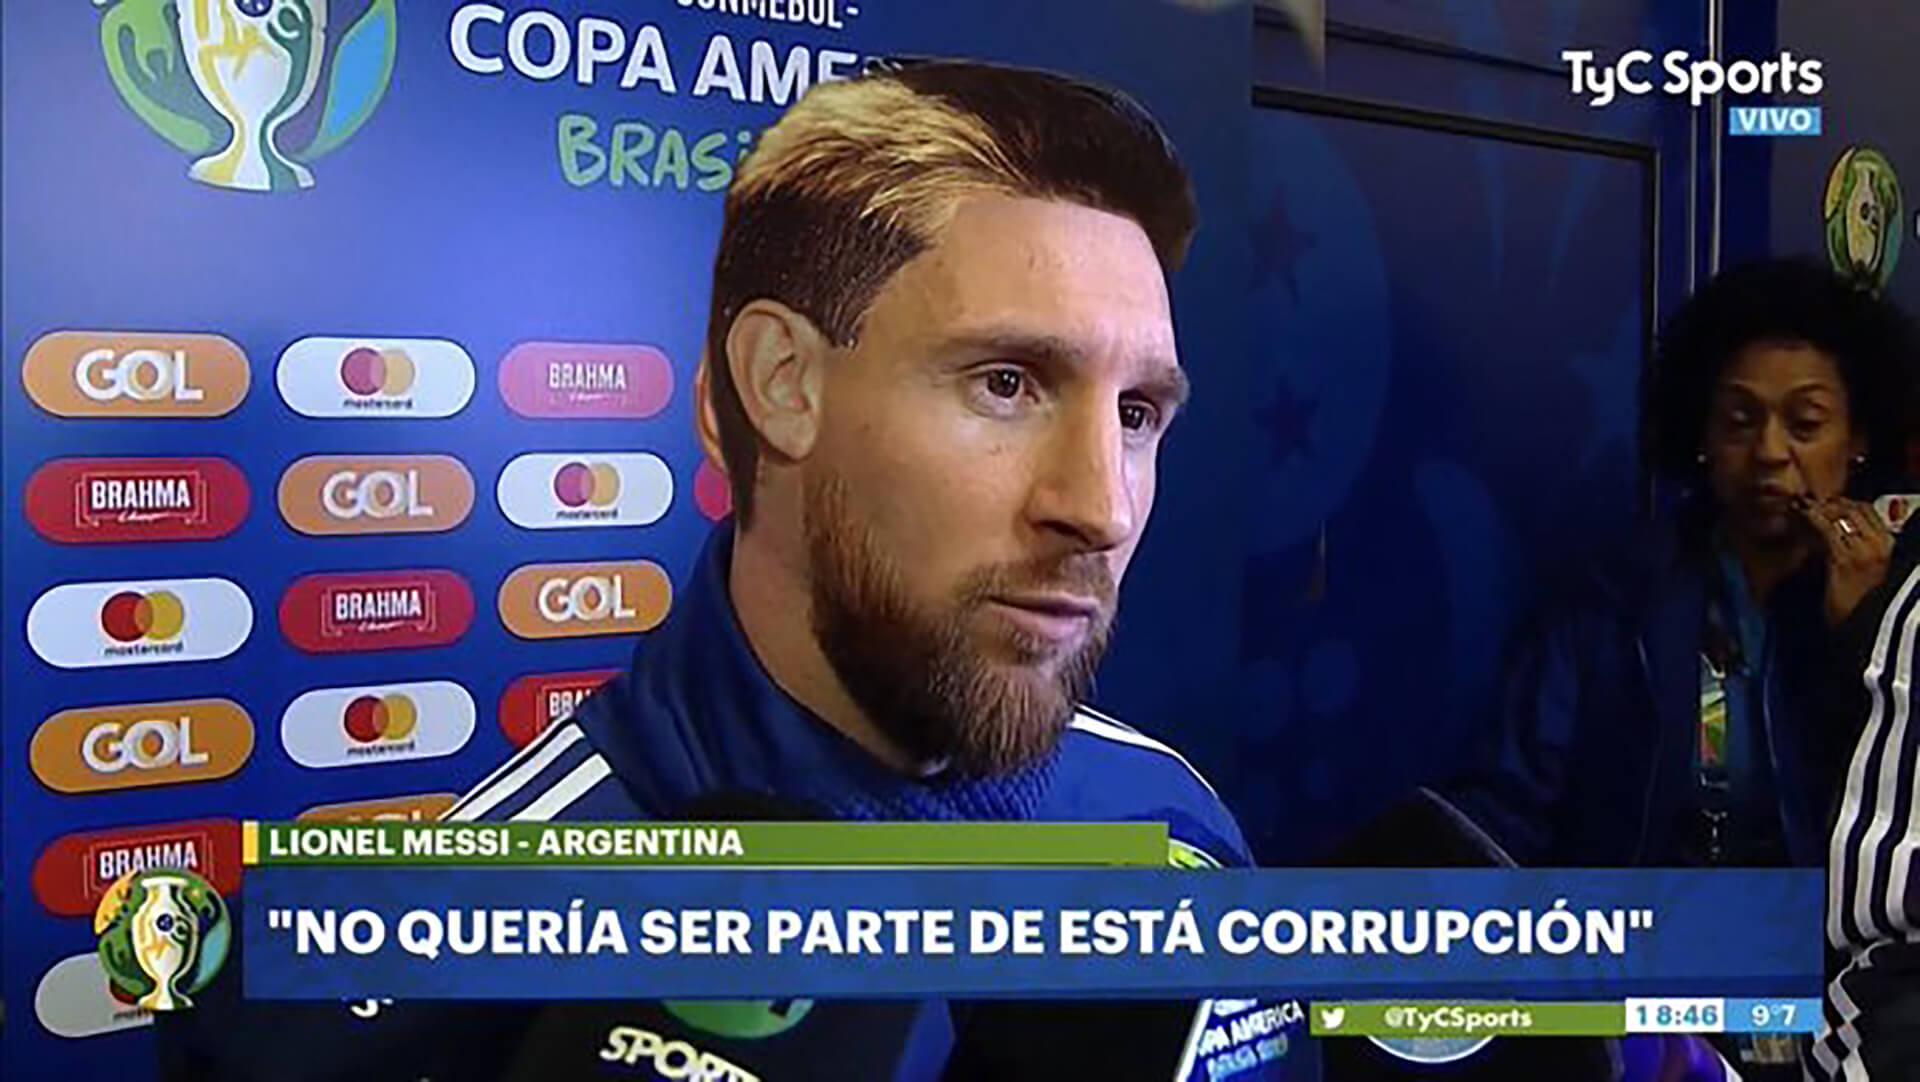 La transformación está completa: Messi acusó a la Conmebol y se convirtió en Maradona.